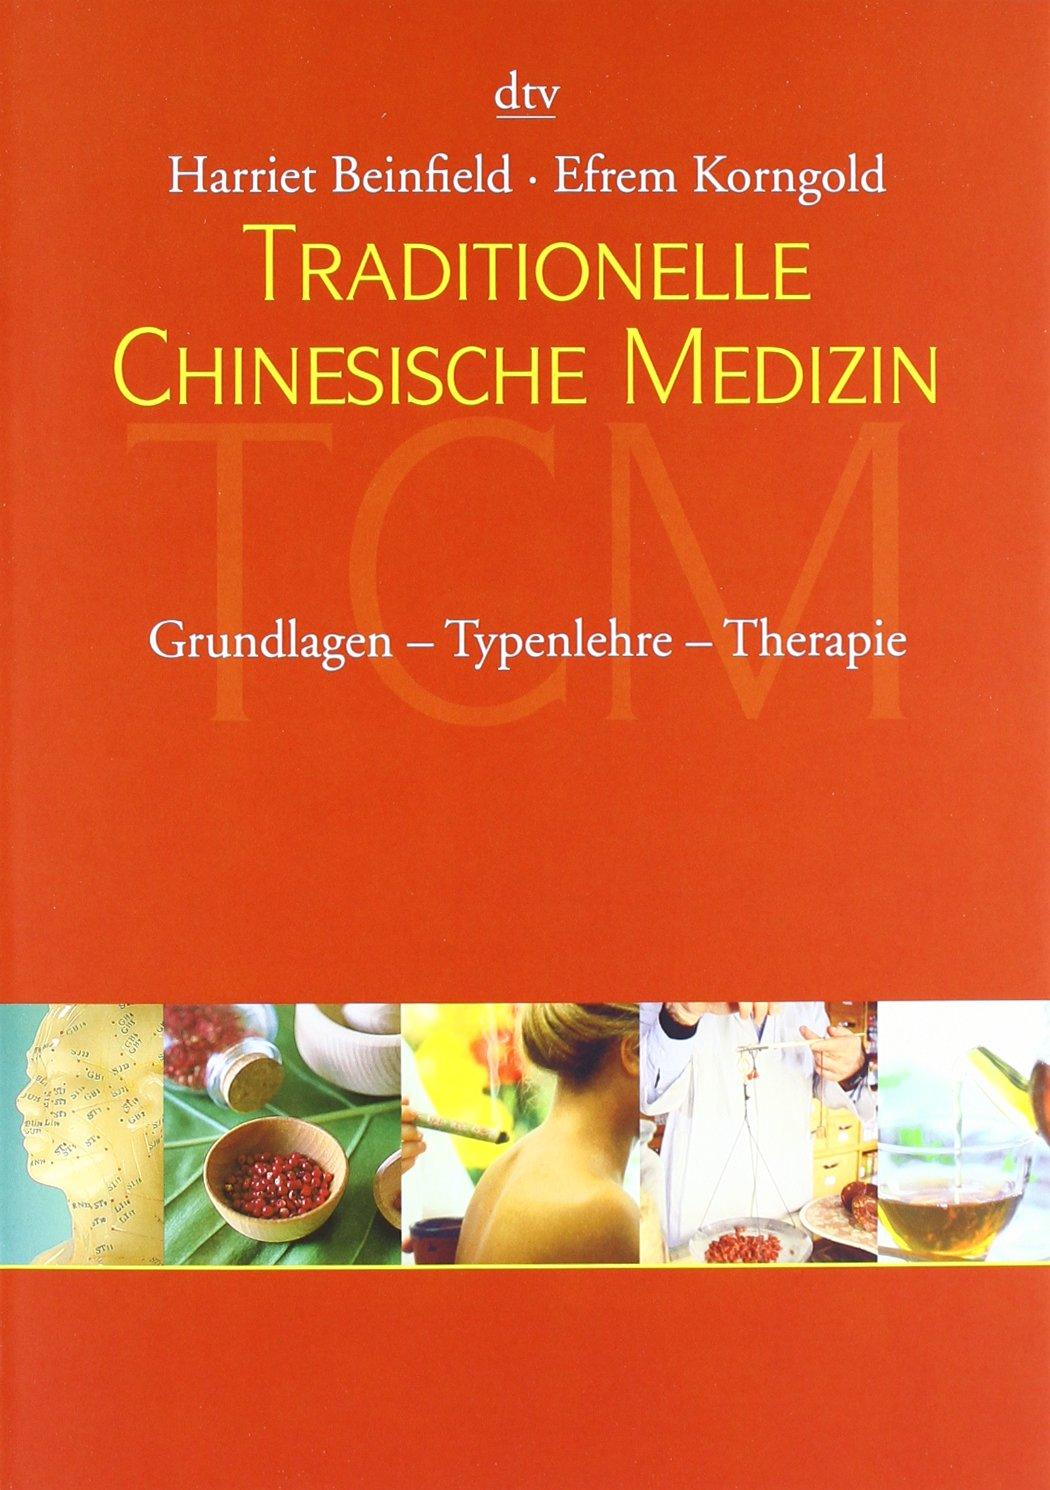 Traditionelle Chinesische Medizin: Grundlagen - Typenlehre - Therapie